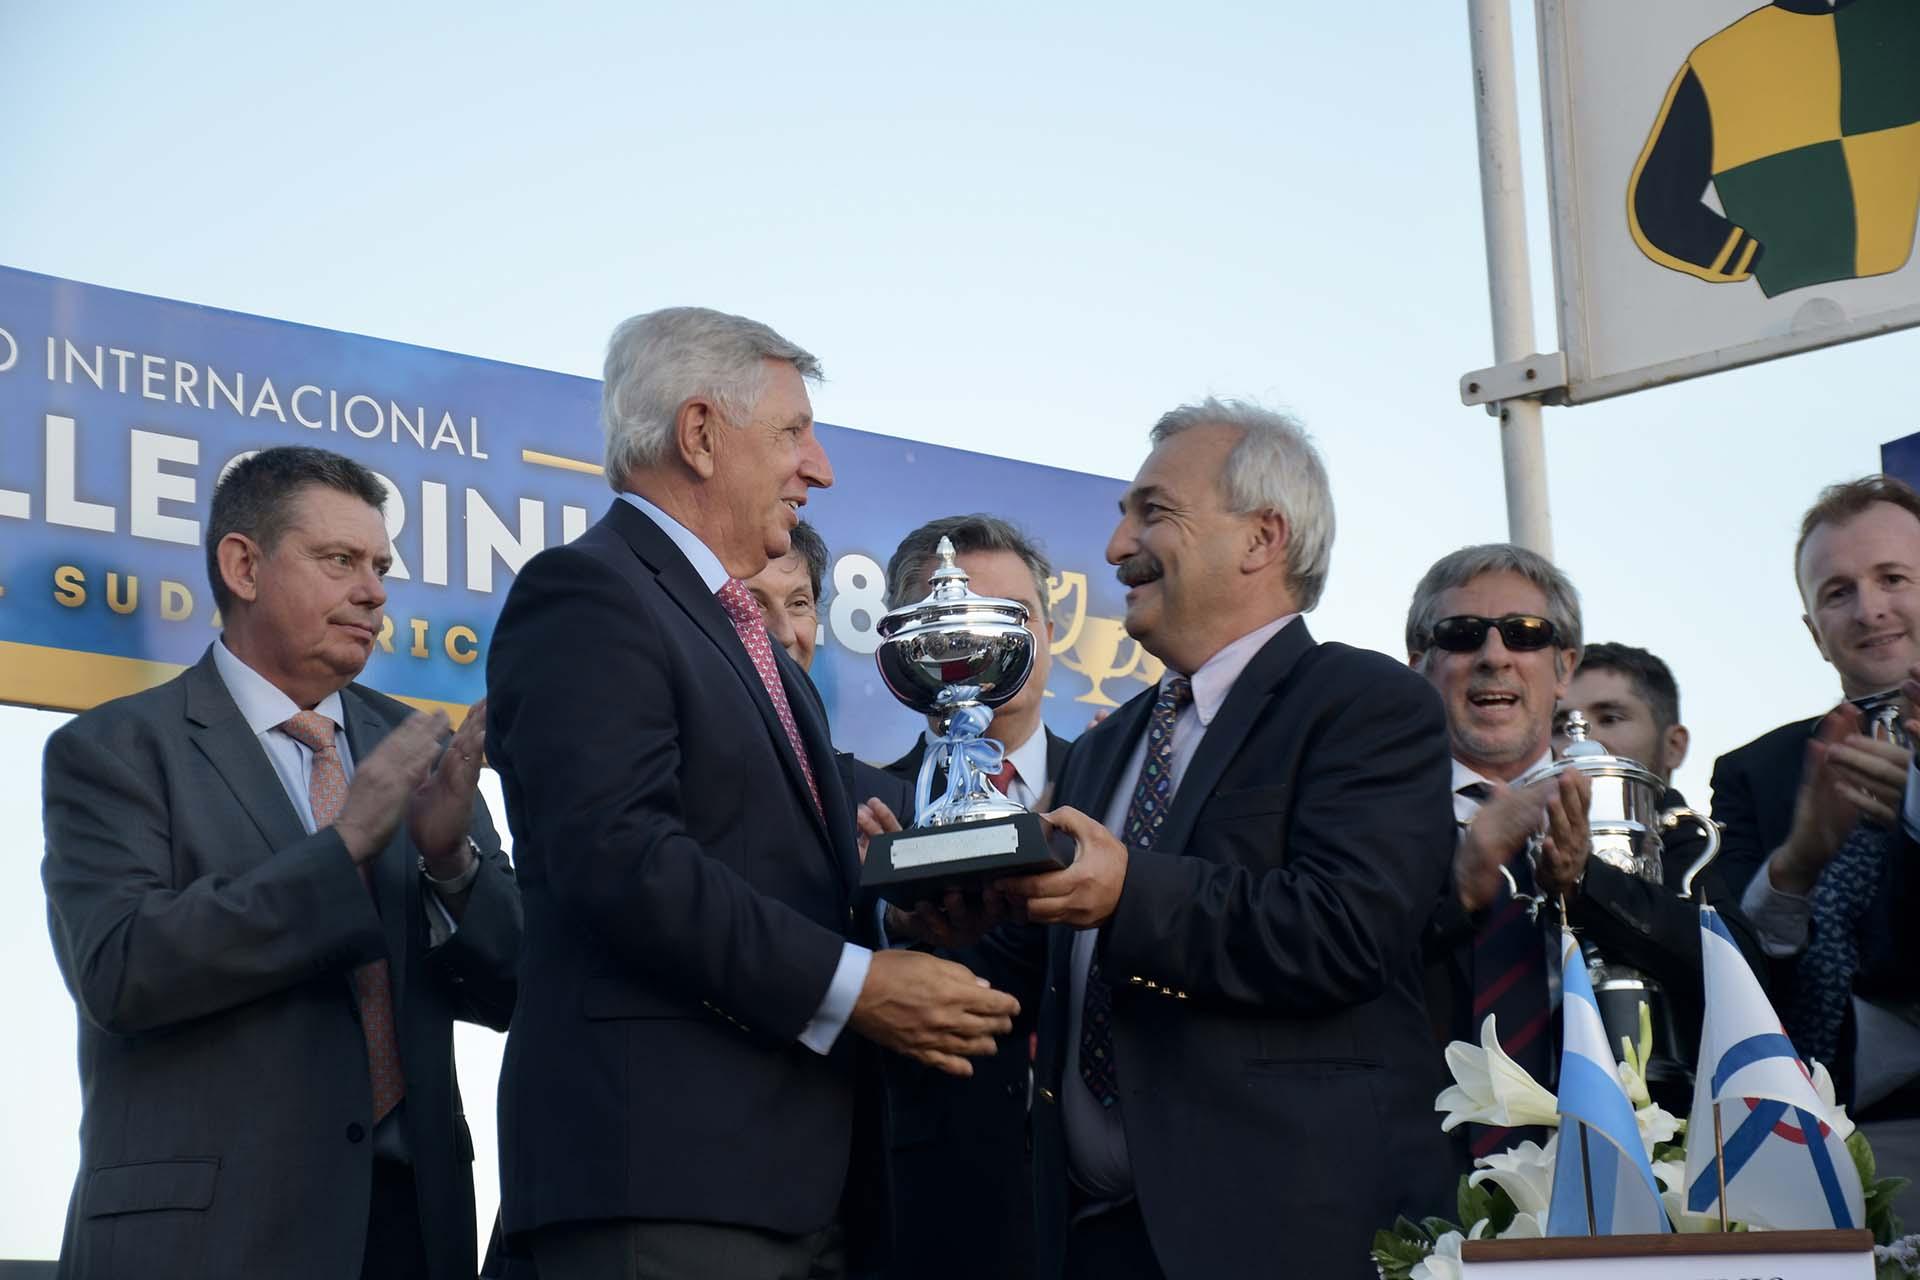 Juan Mariano Villar Urquiza, presidente de la Comisión de Carreras del HSI, entregó la copa a Enrique Sauro, manager general del Haras La Pasión